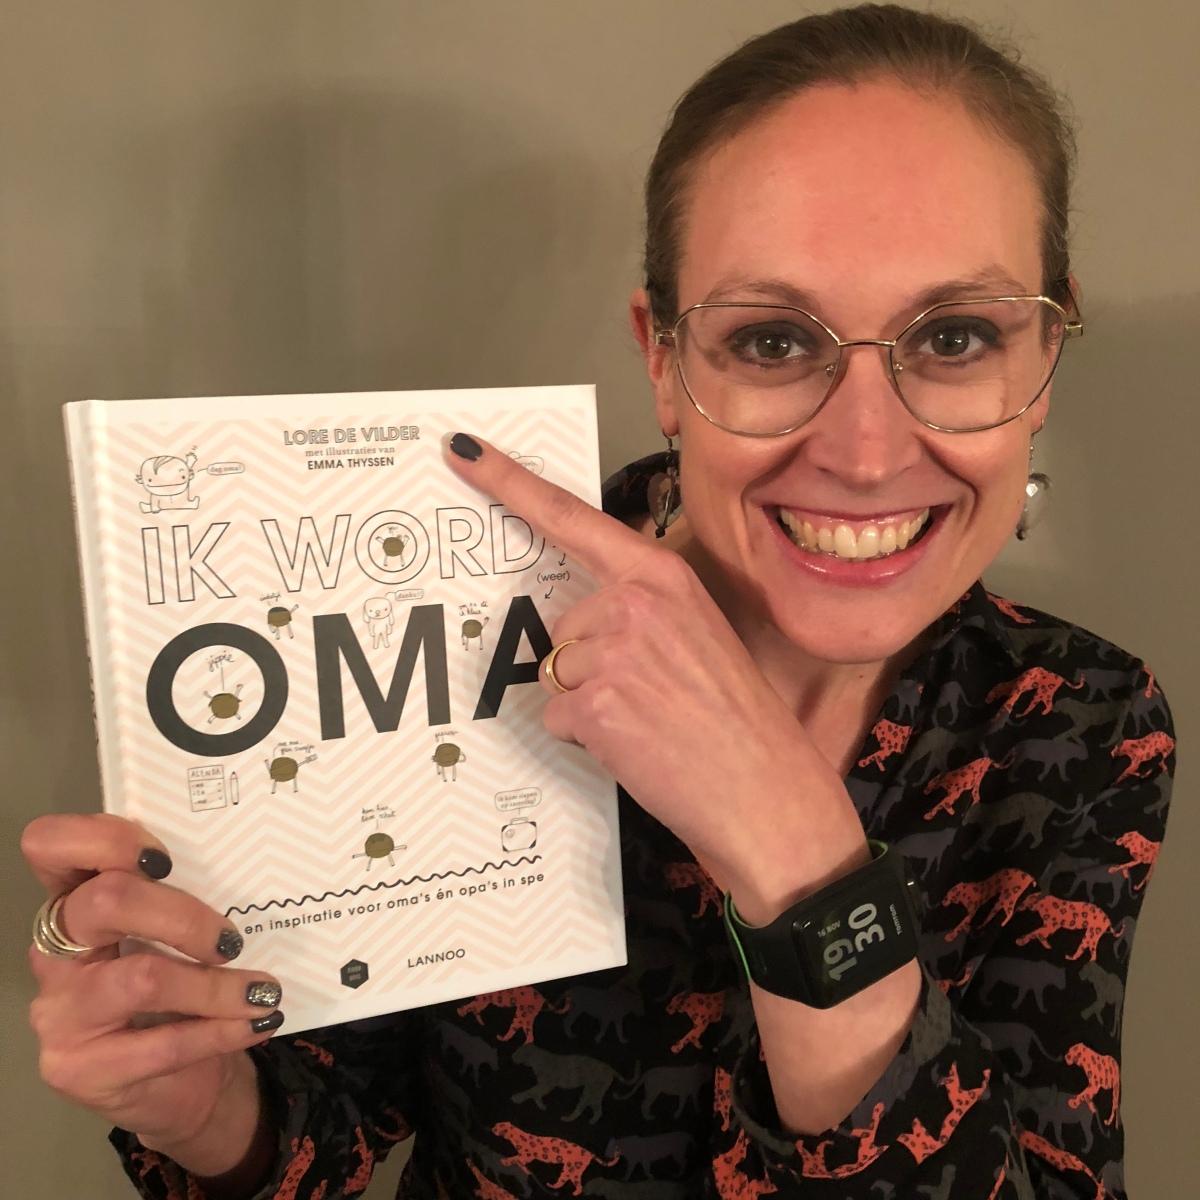 MAMoiselle proudly presents: Het boek 'Ik word (weer) oma'